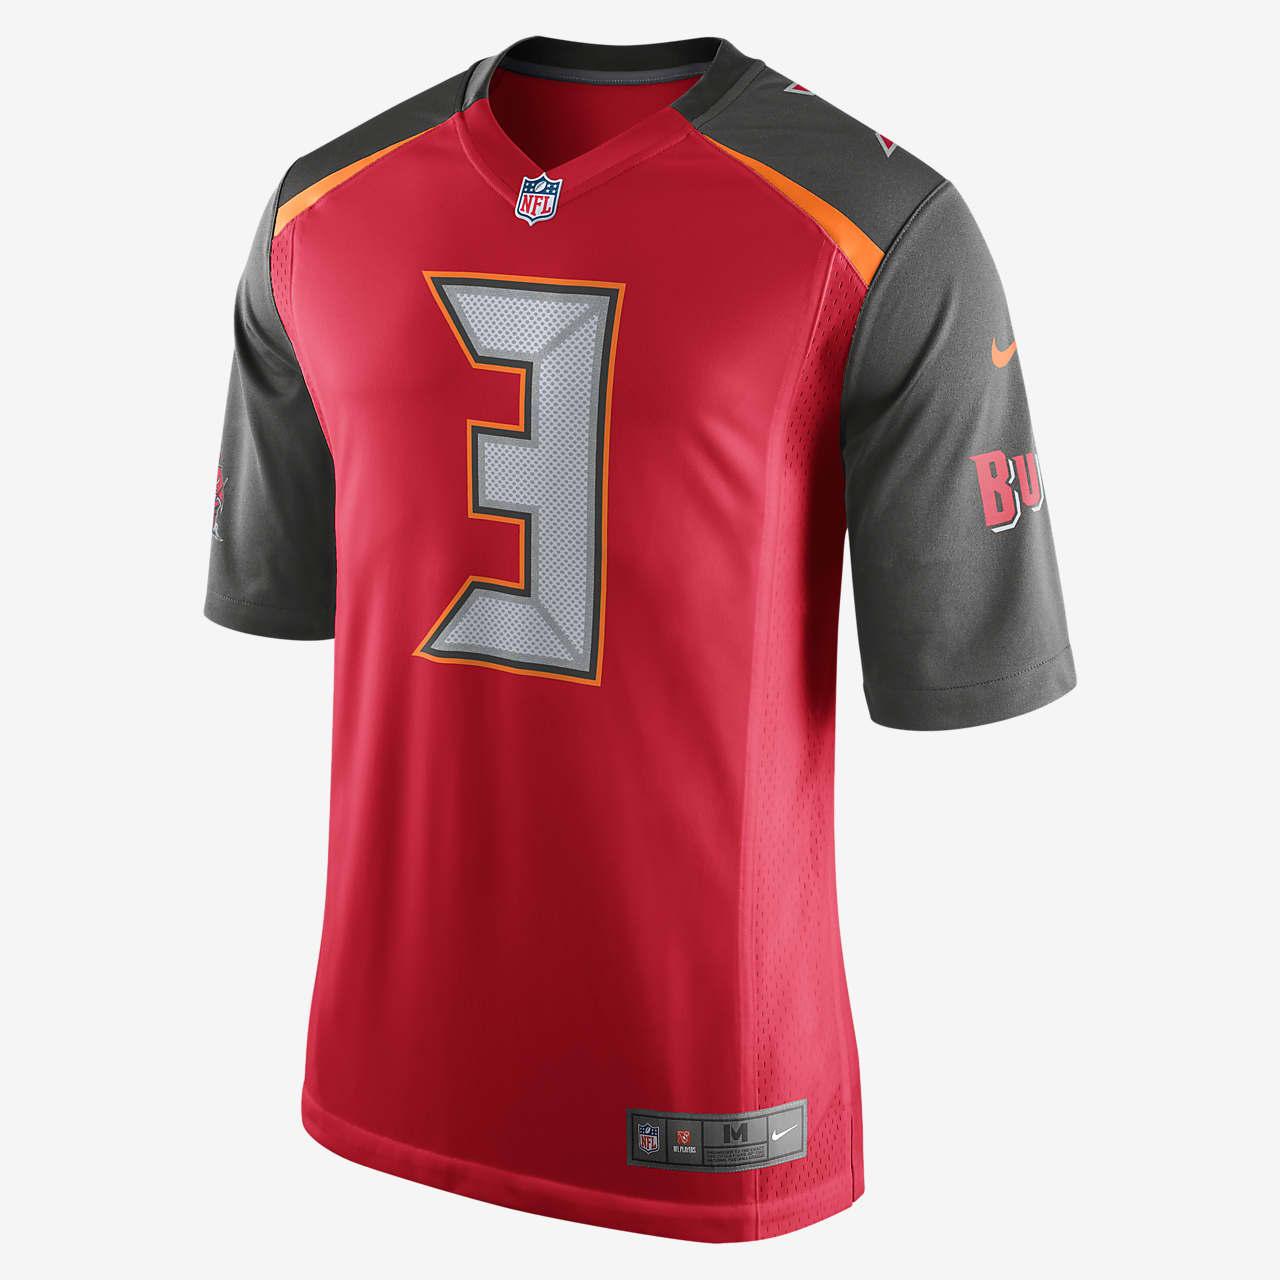 Ανδρική φανέλα αμερικανικού ποδοσφαίρου NFL Tampa Bay Buccaneers (Jameis Winston) Home